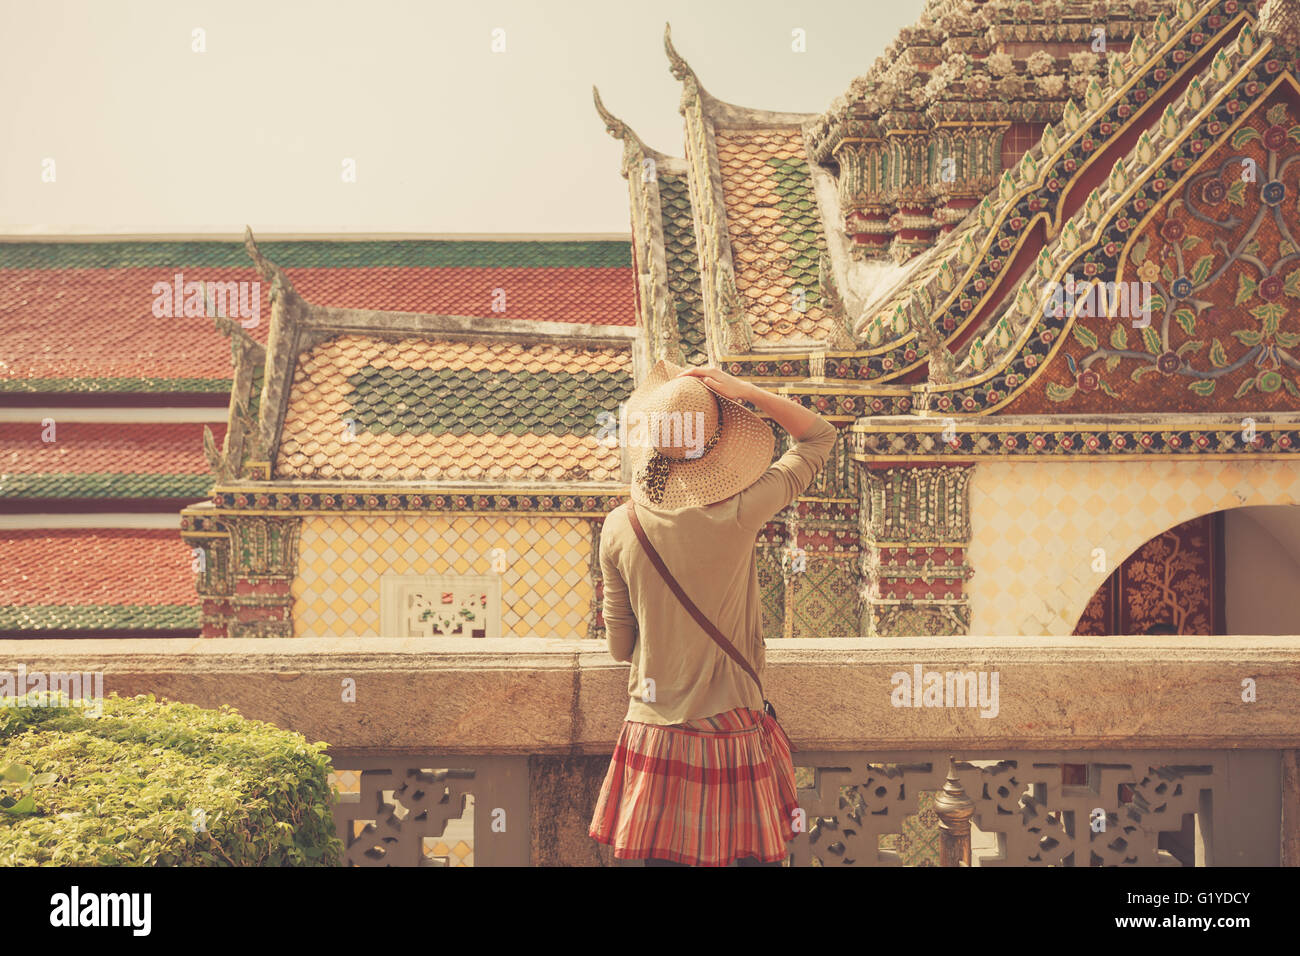 Una mujer joven está explorando un palacio en Tailandia Imagen De Stock